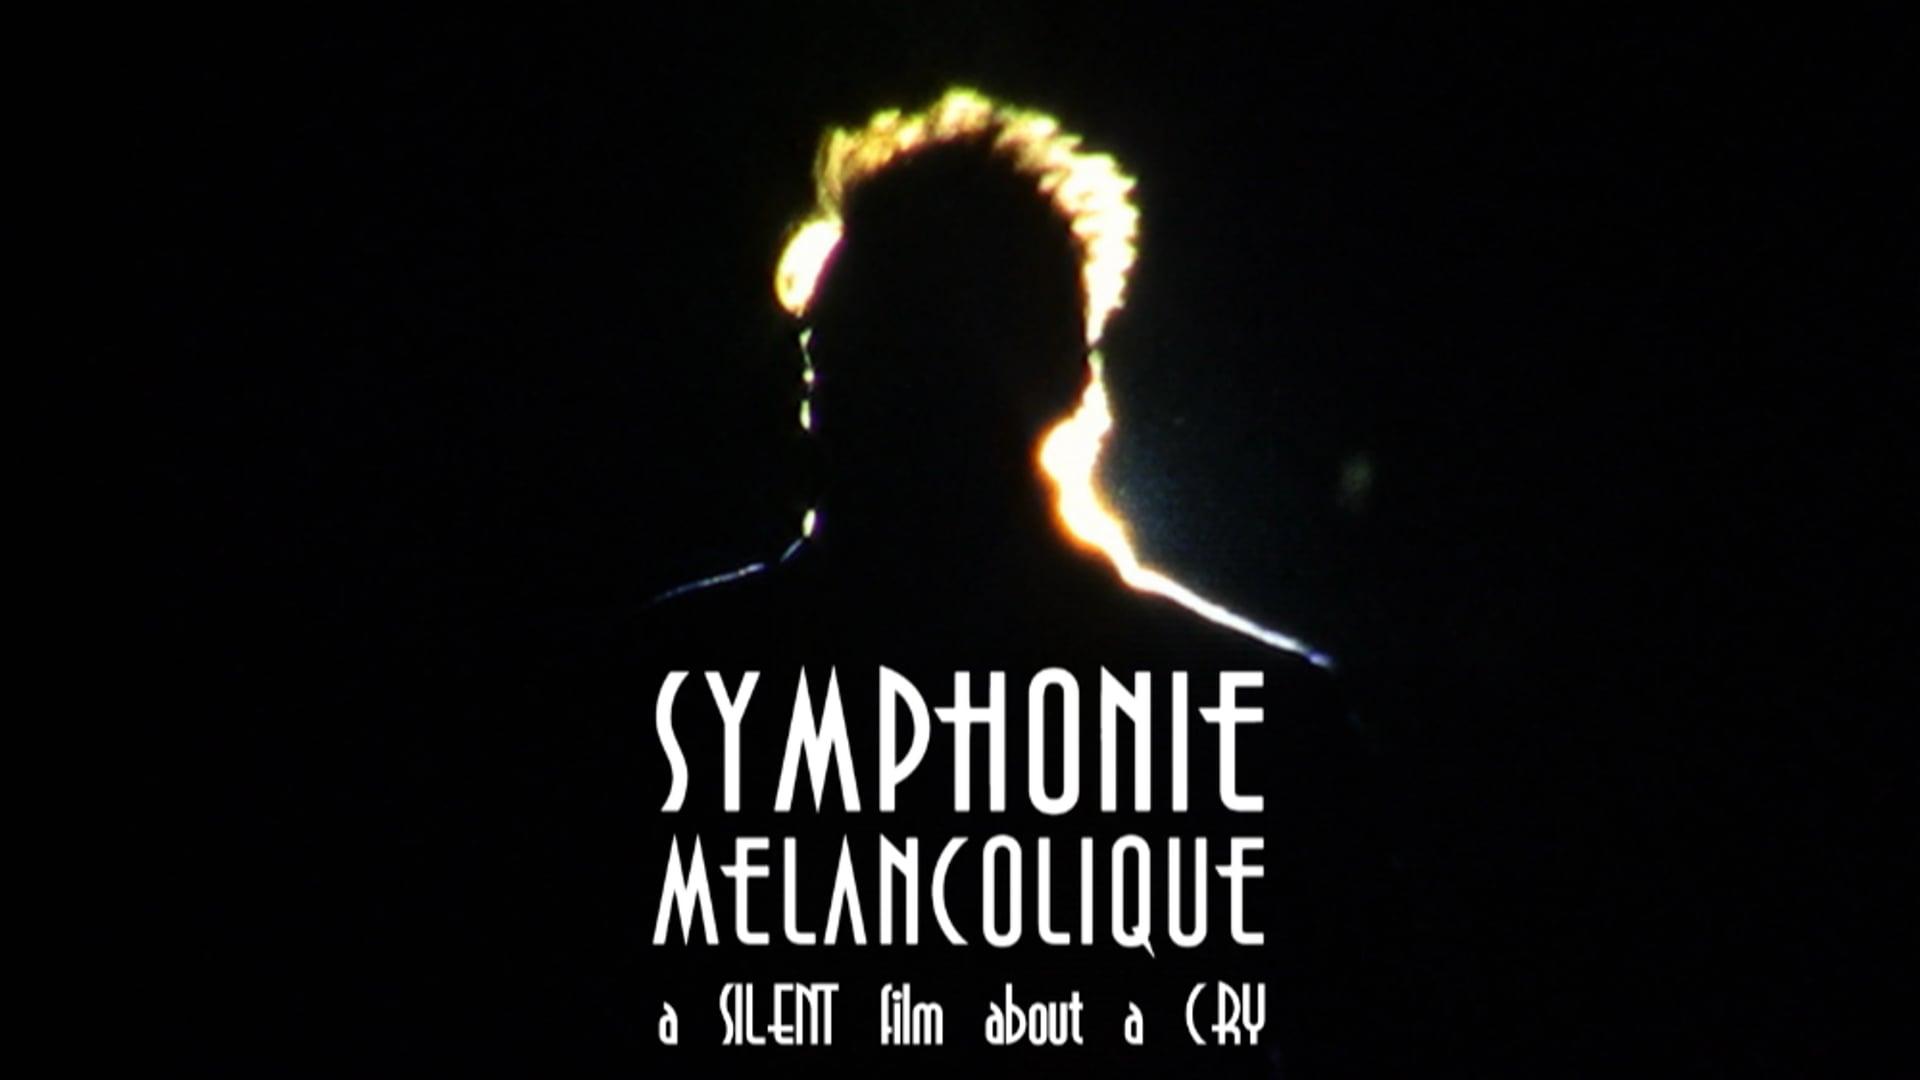 Symphonie Mélancolique